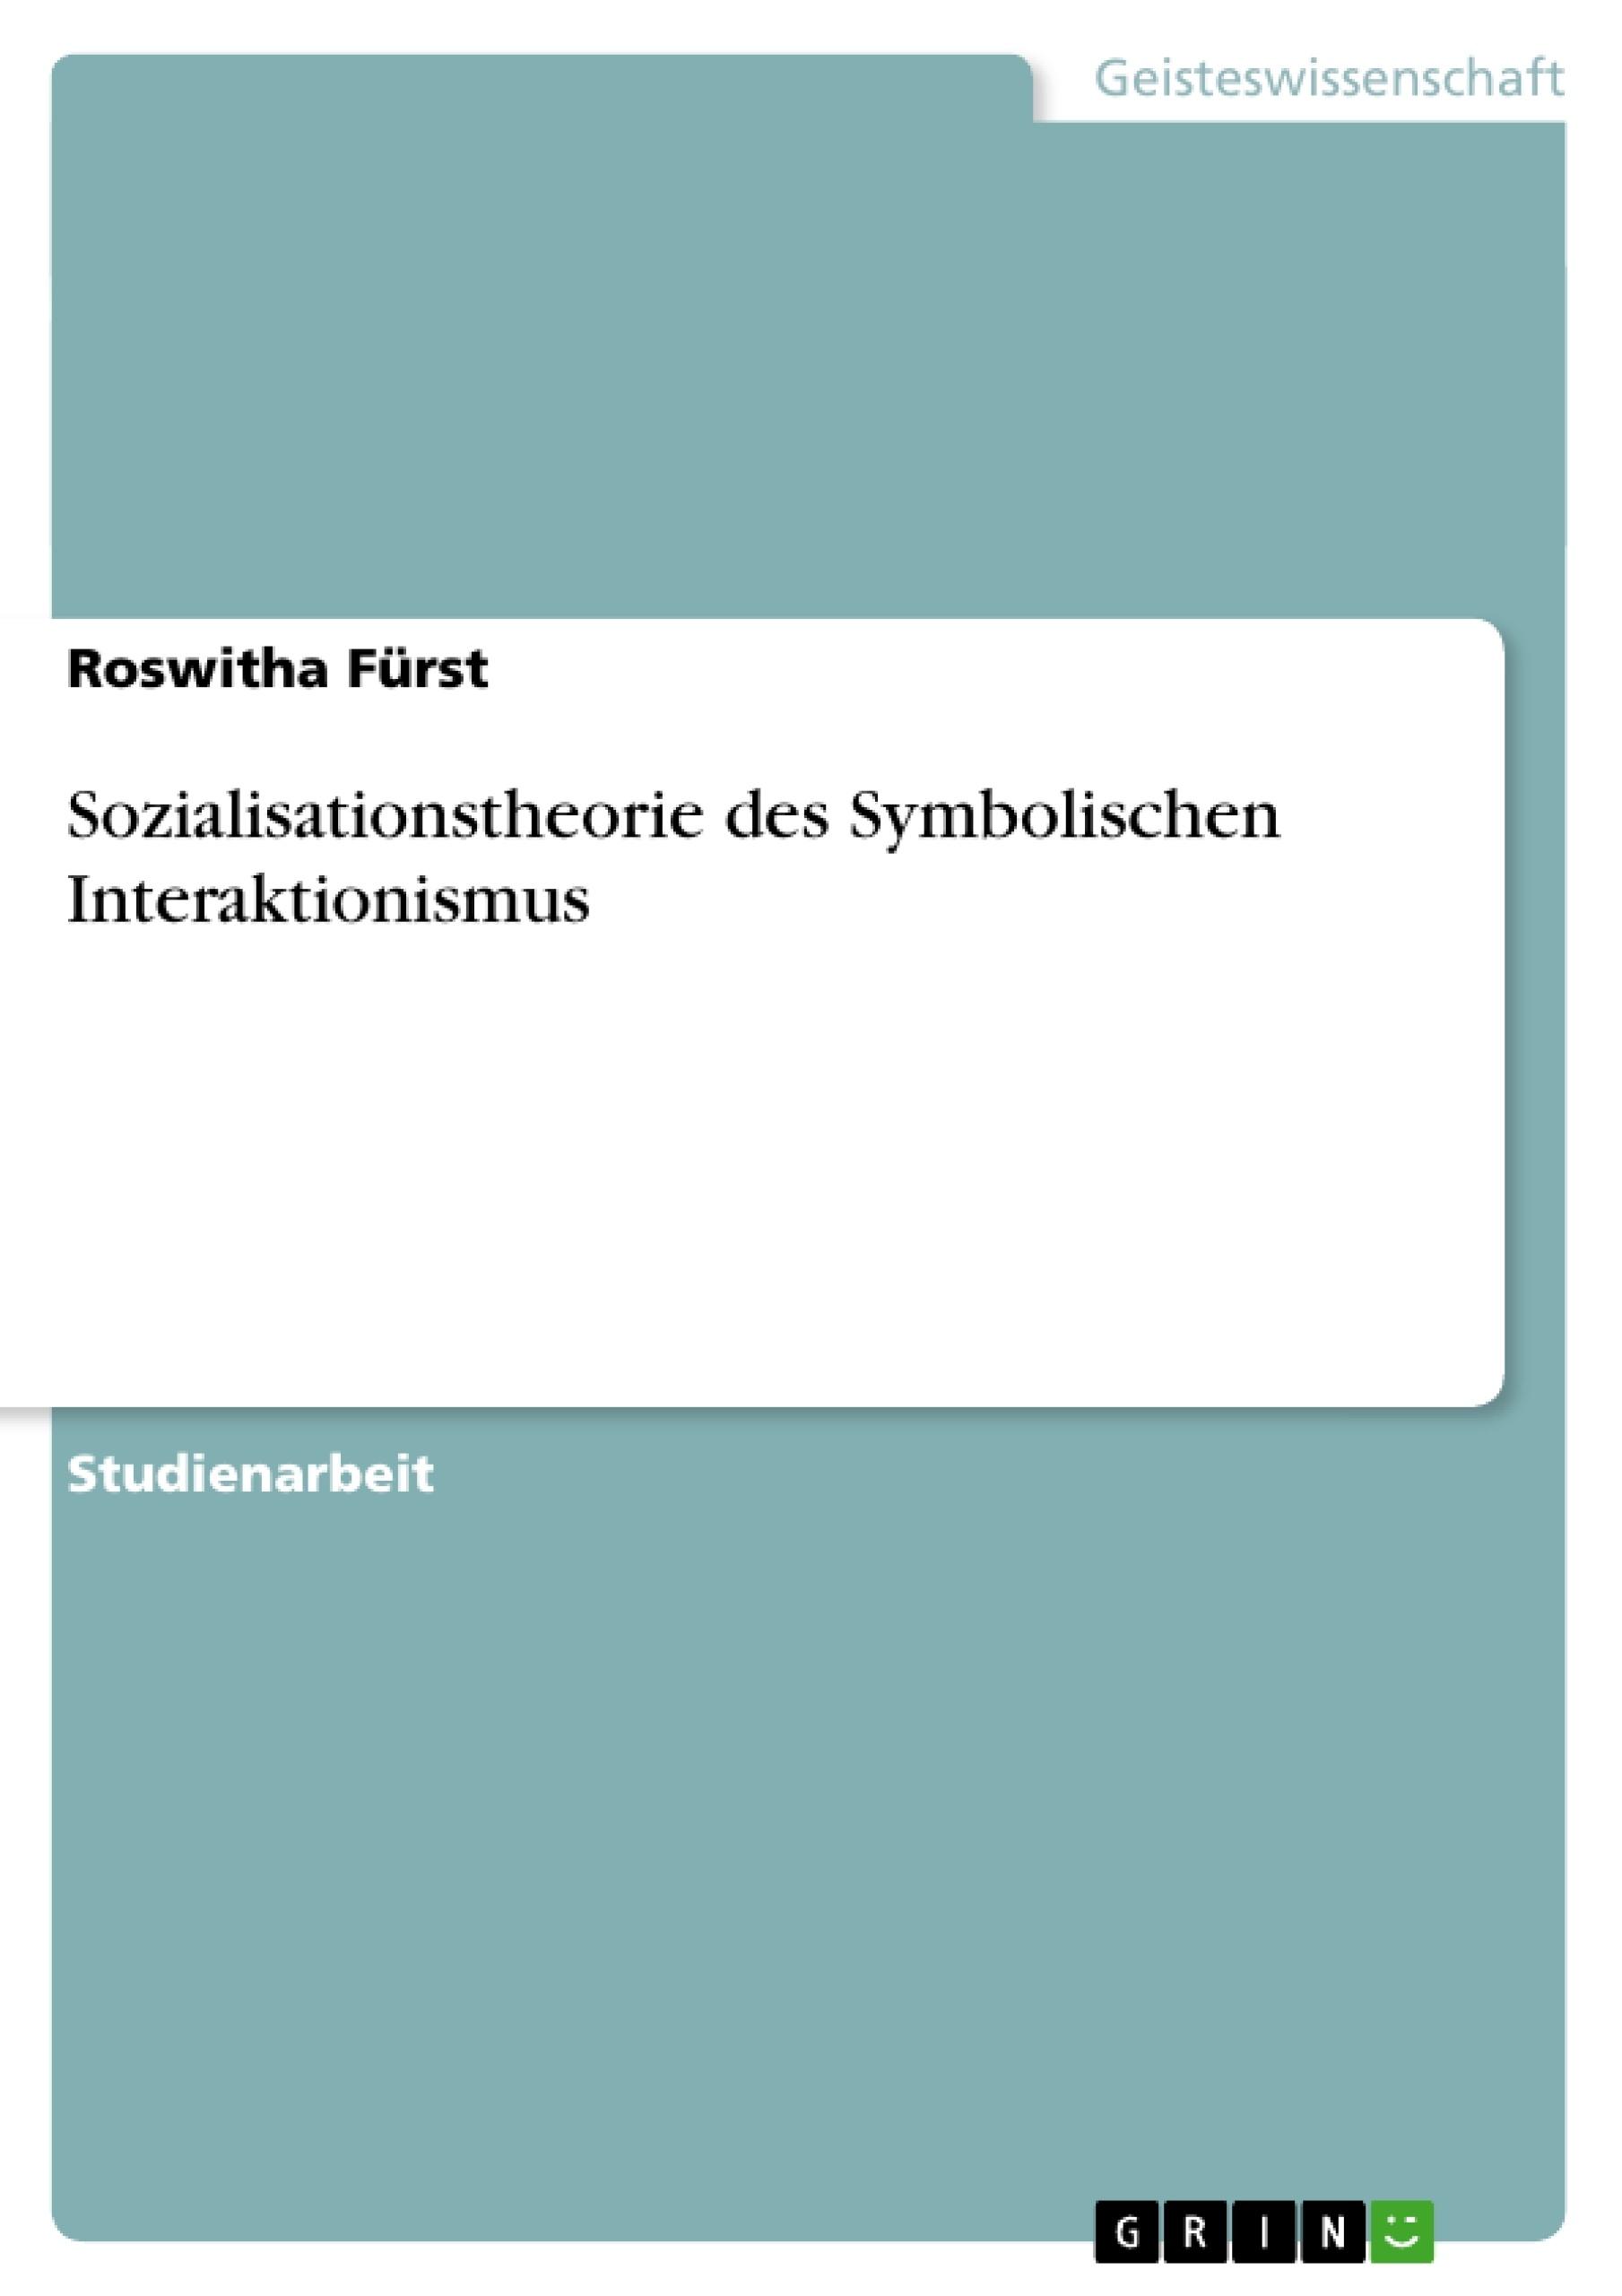 Titel: Sozialisationstheorie des Symbolischen Interaktionismus